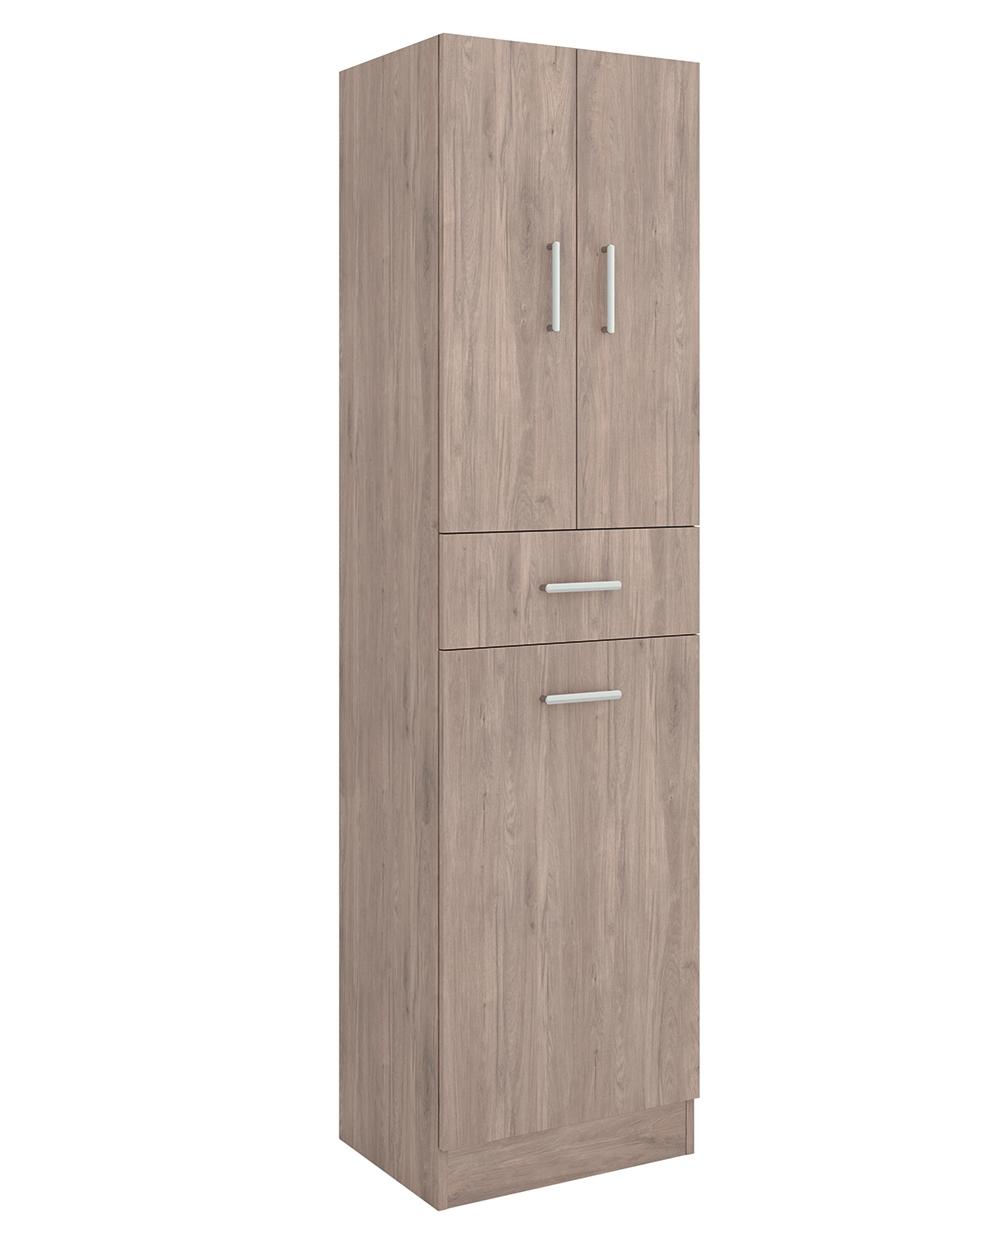 Muebles Auxi hoge opbergkast Colorado 180x48x37cm met wasklep